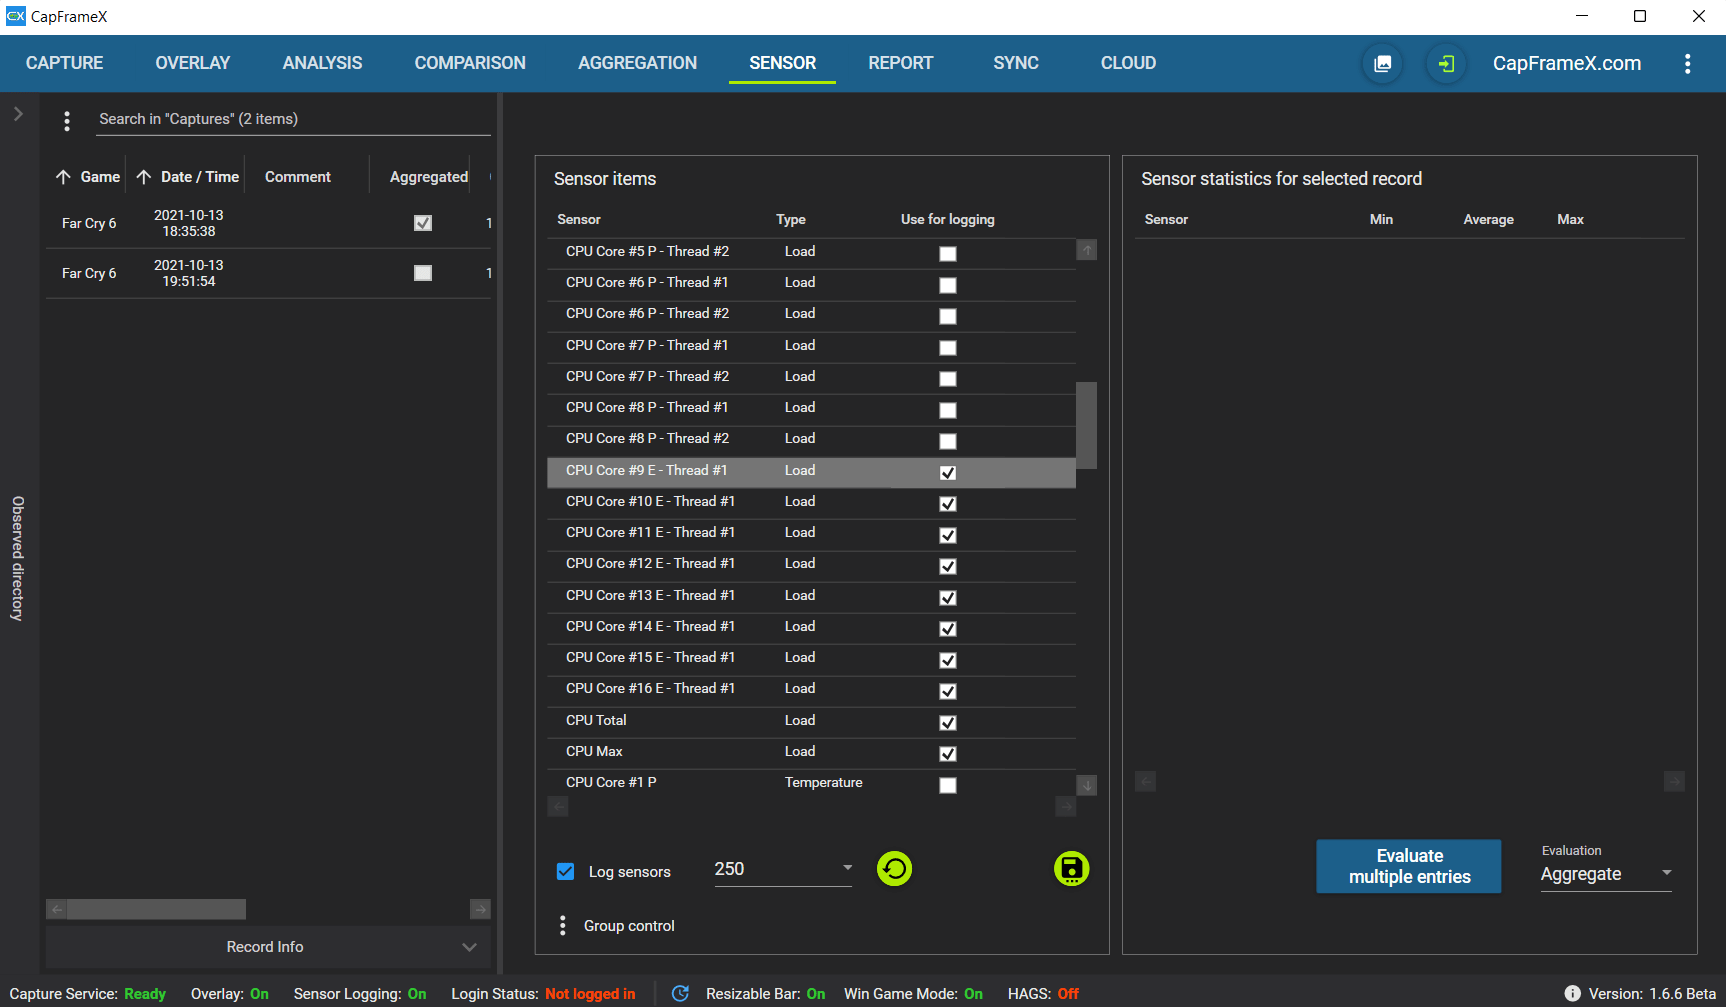 El Intel Core i9-12900K en la pestaña del sensor de CapFrameX 1.6.6 Beta